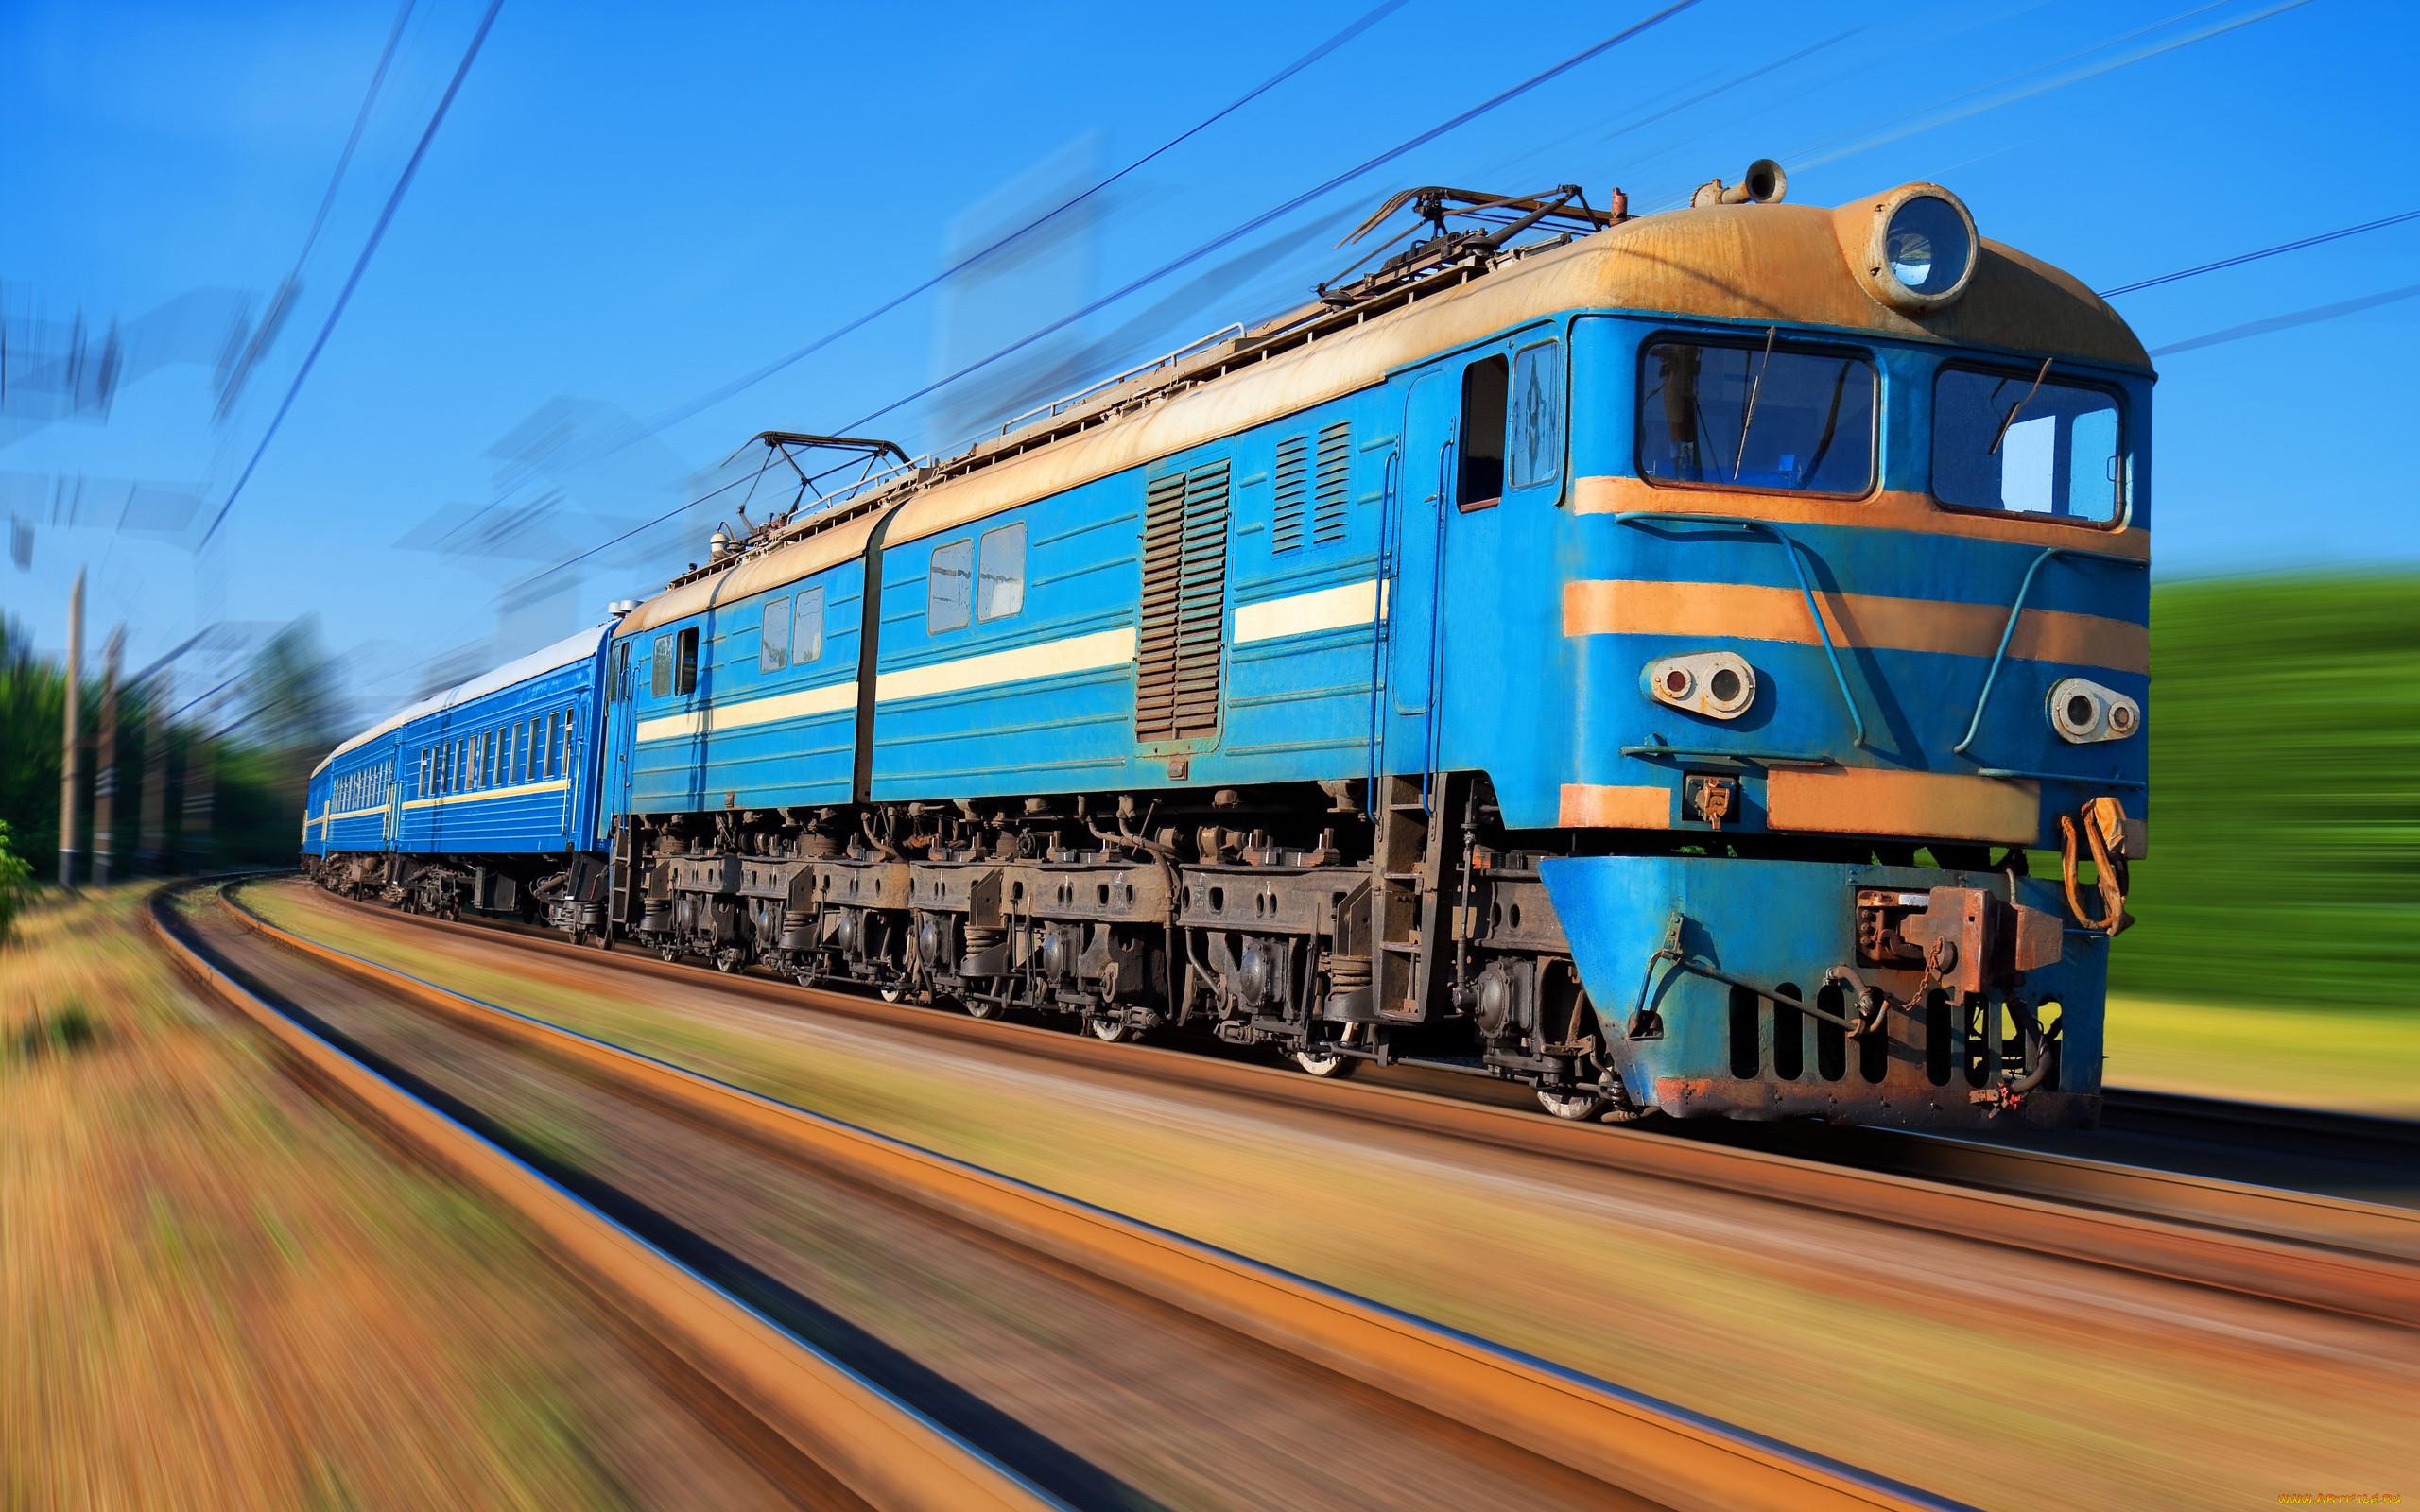 поезд красивые картинки важный